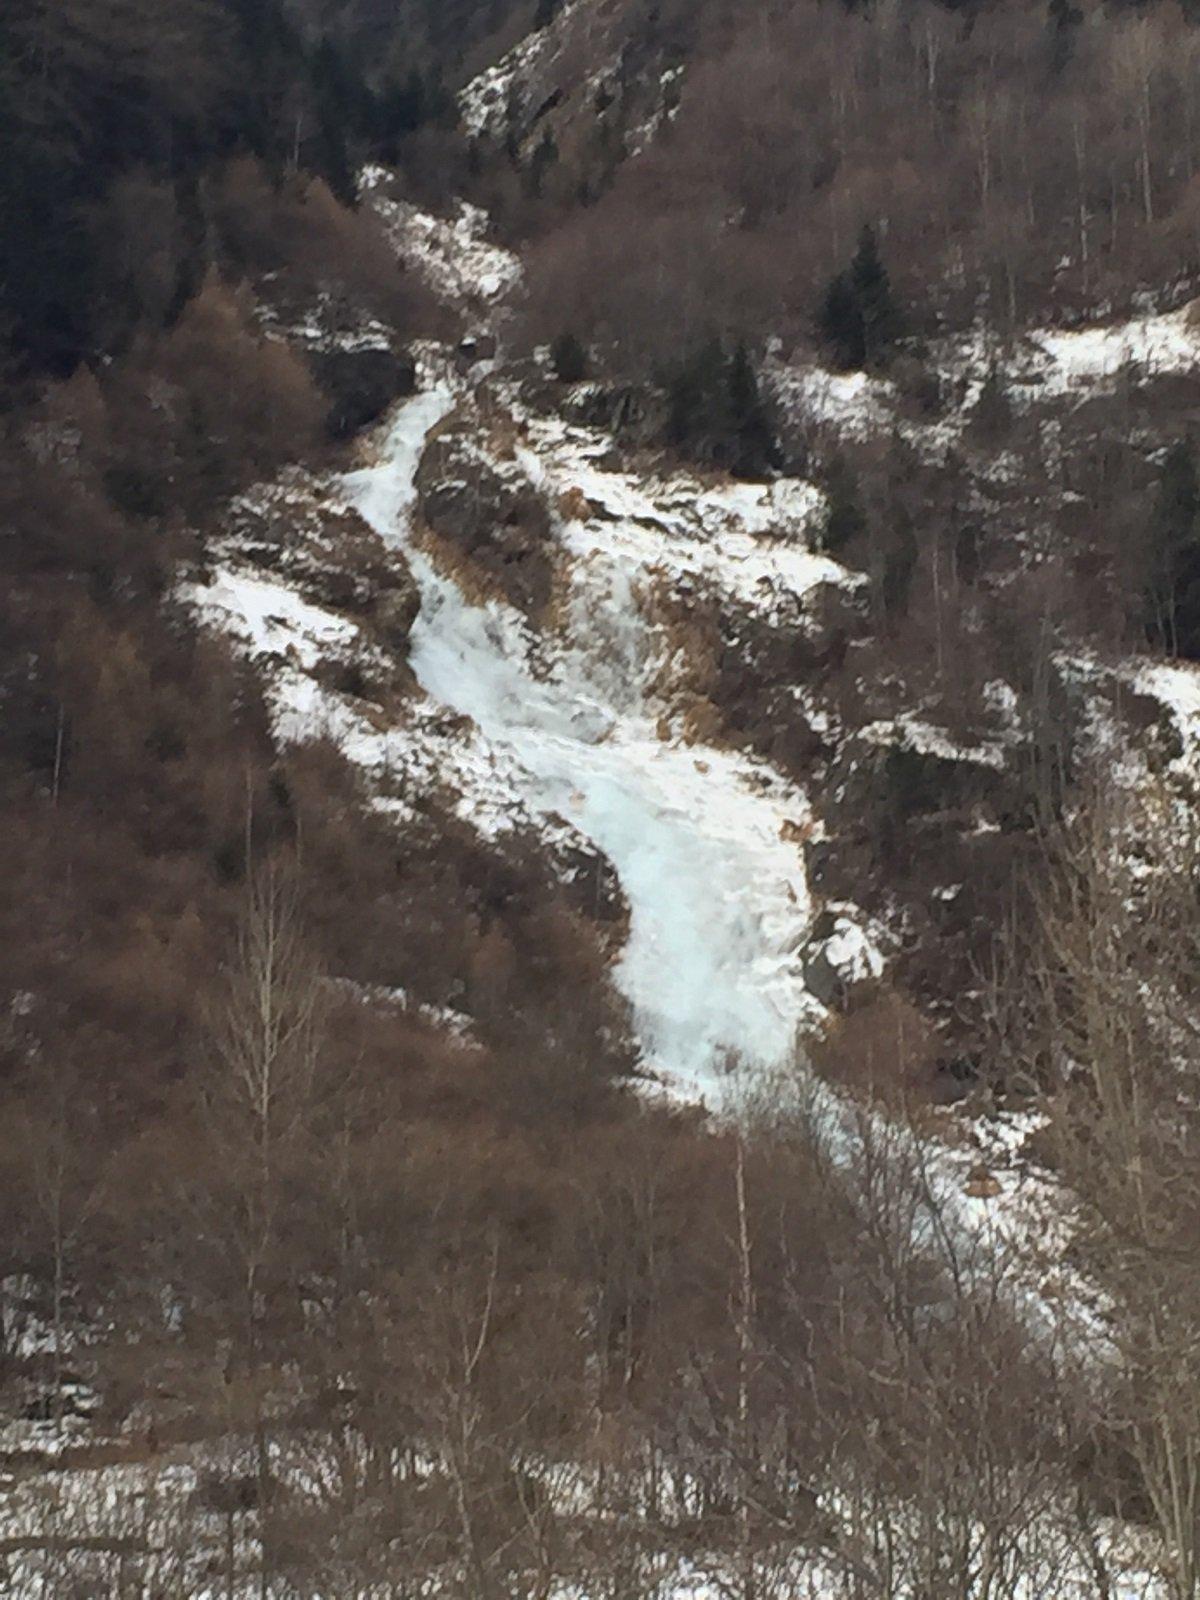 la cascata vista dalla strada